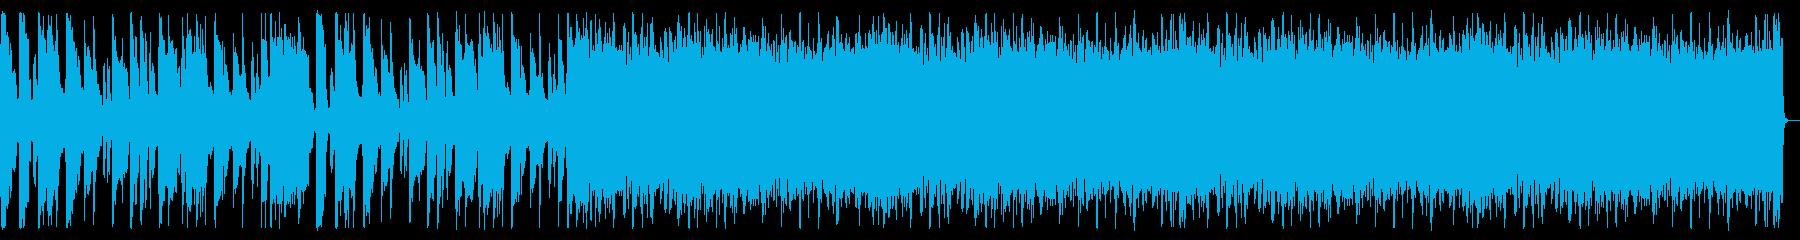 重厚/シンプル/ロック_No600_3の再生済みの波形